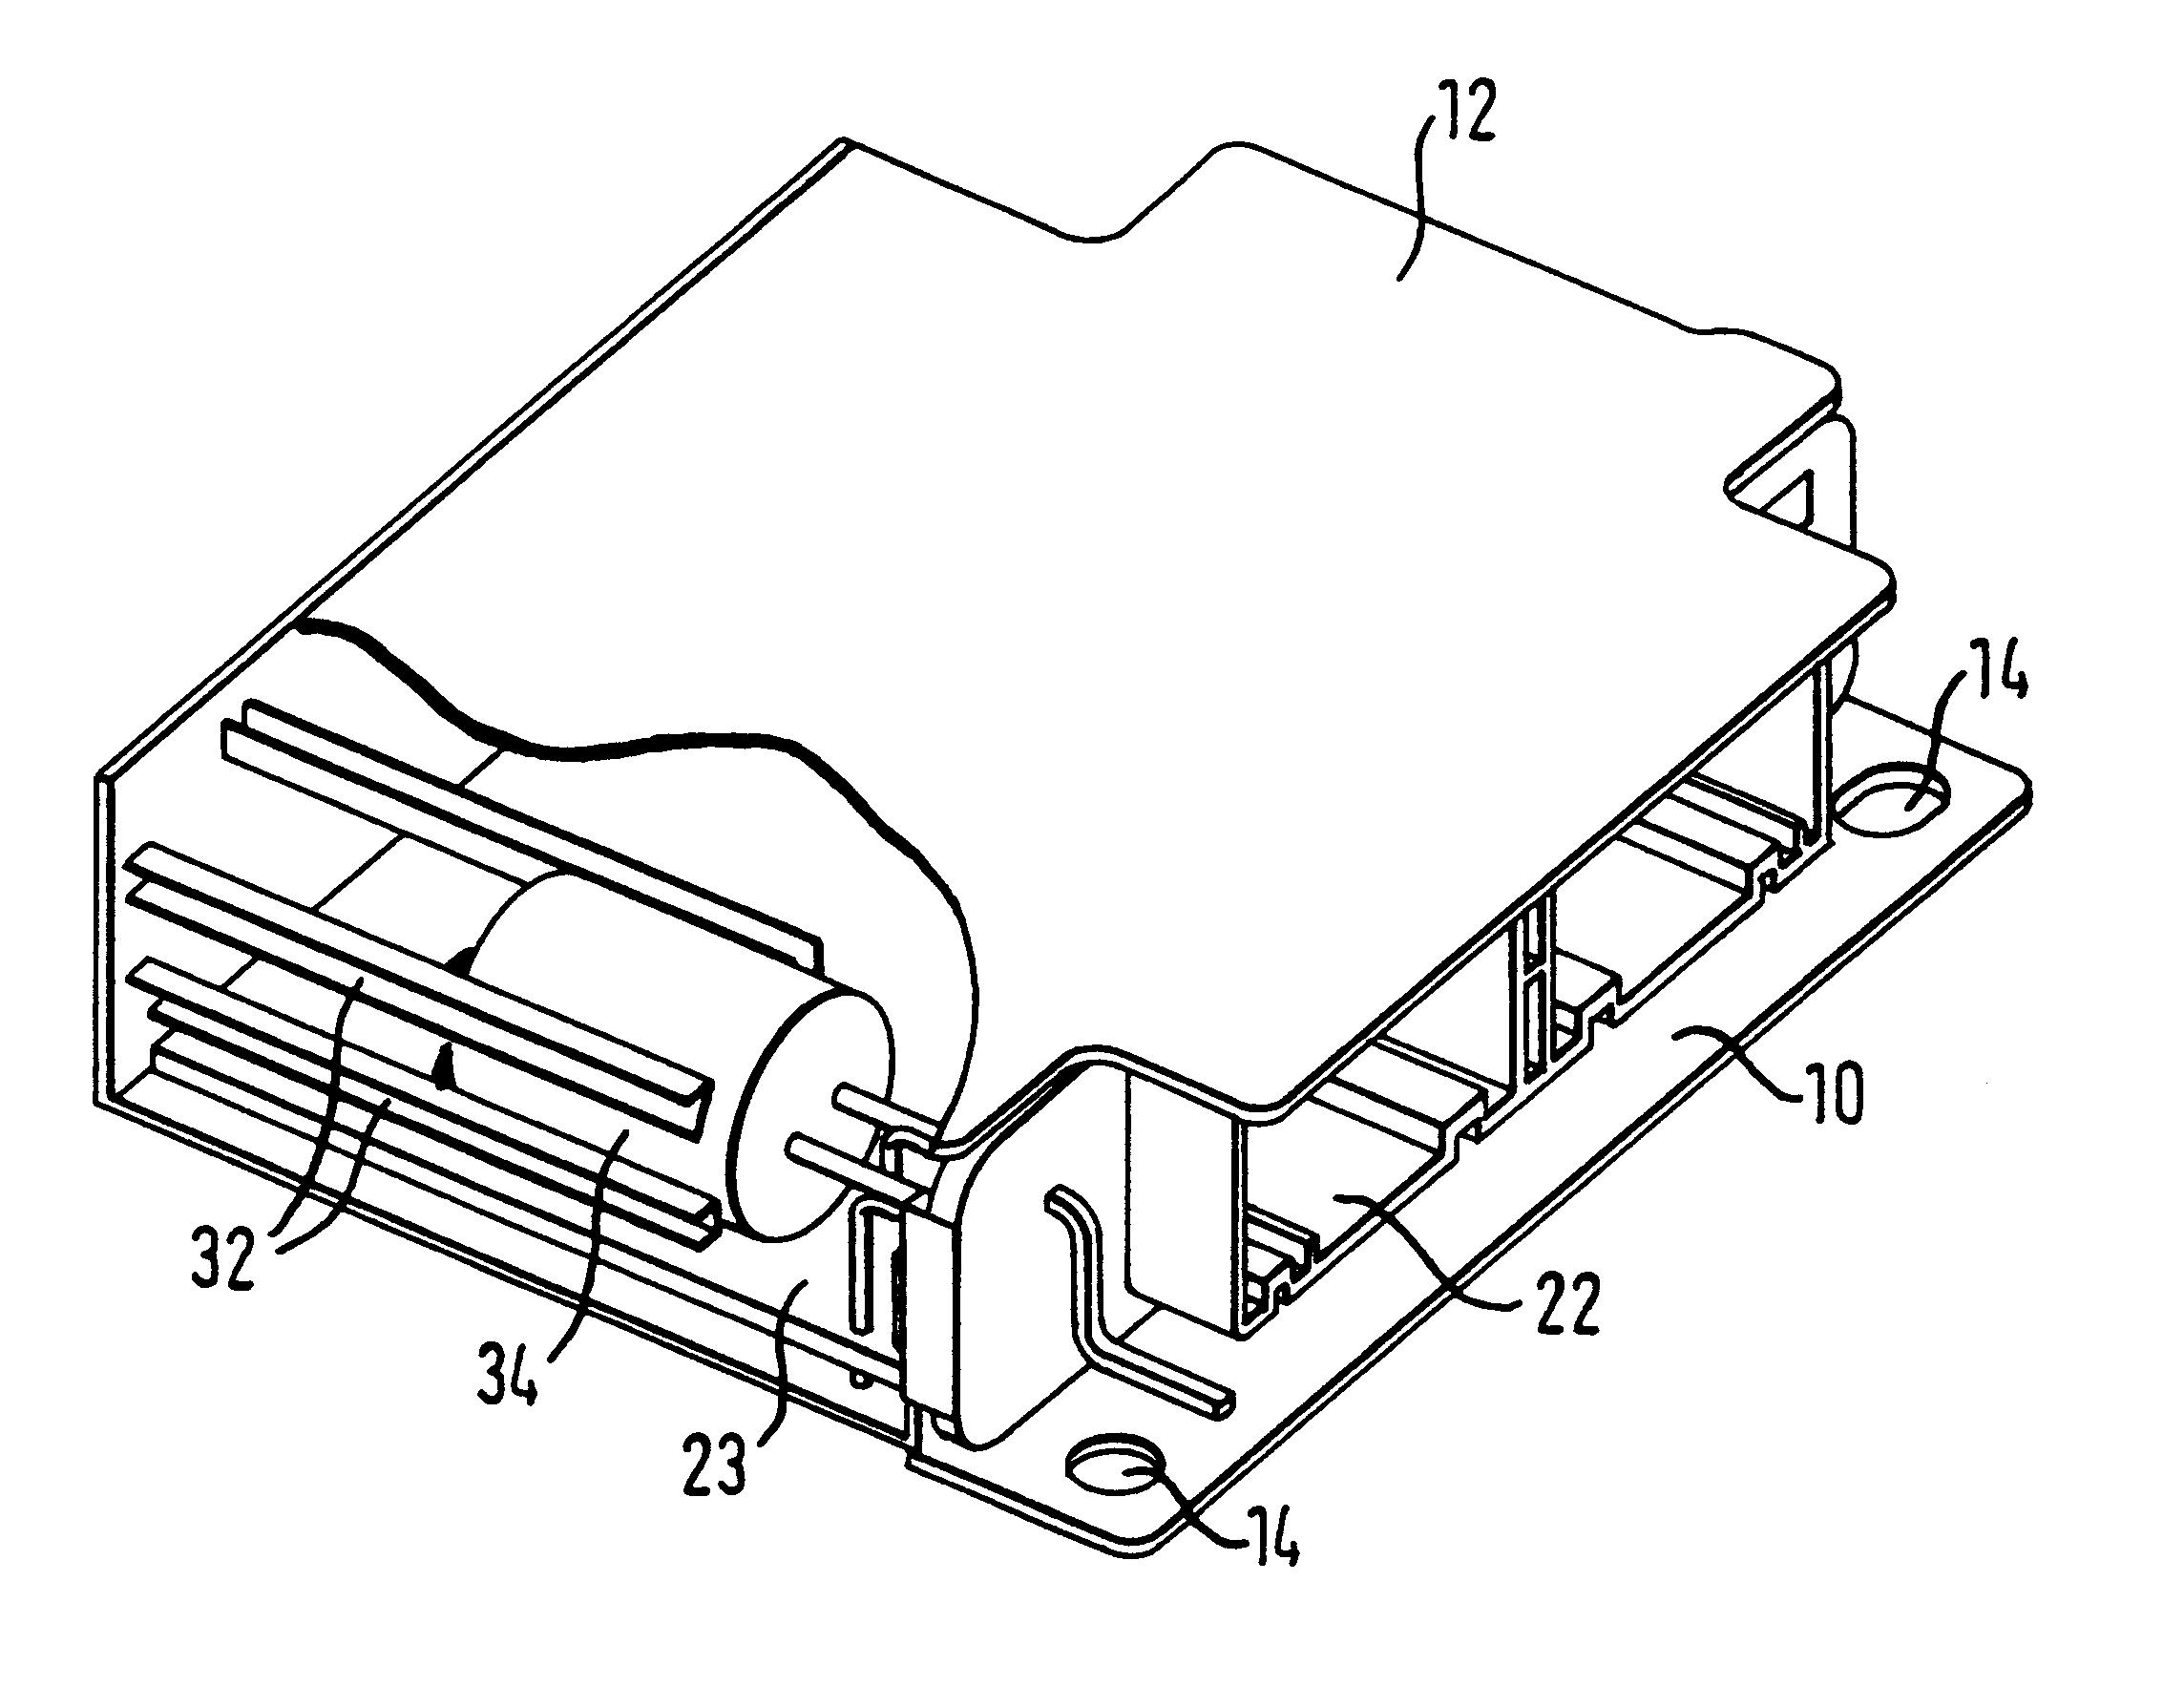 patent us6362971